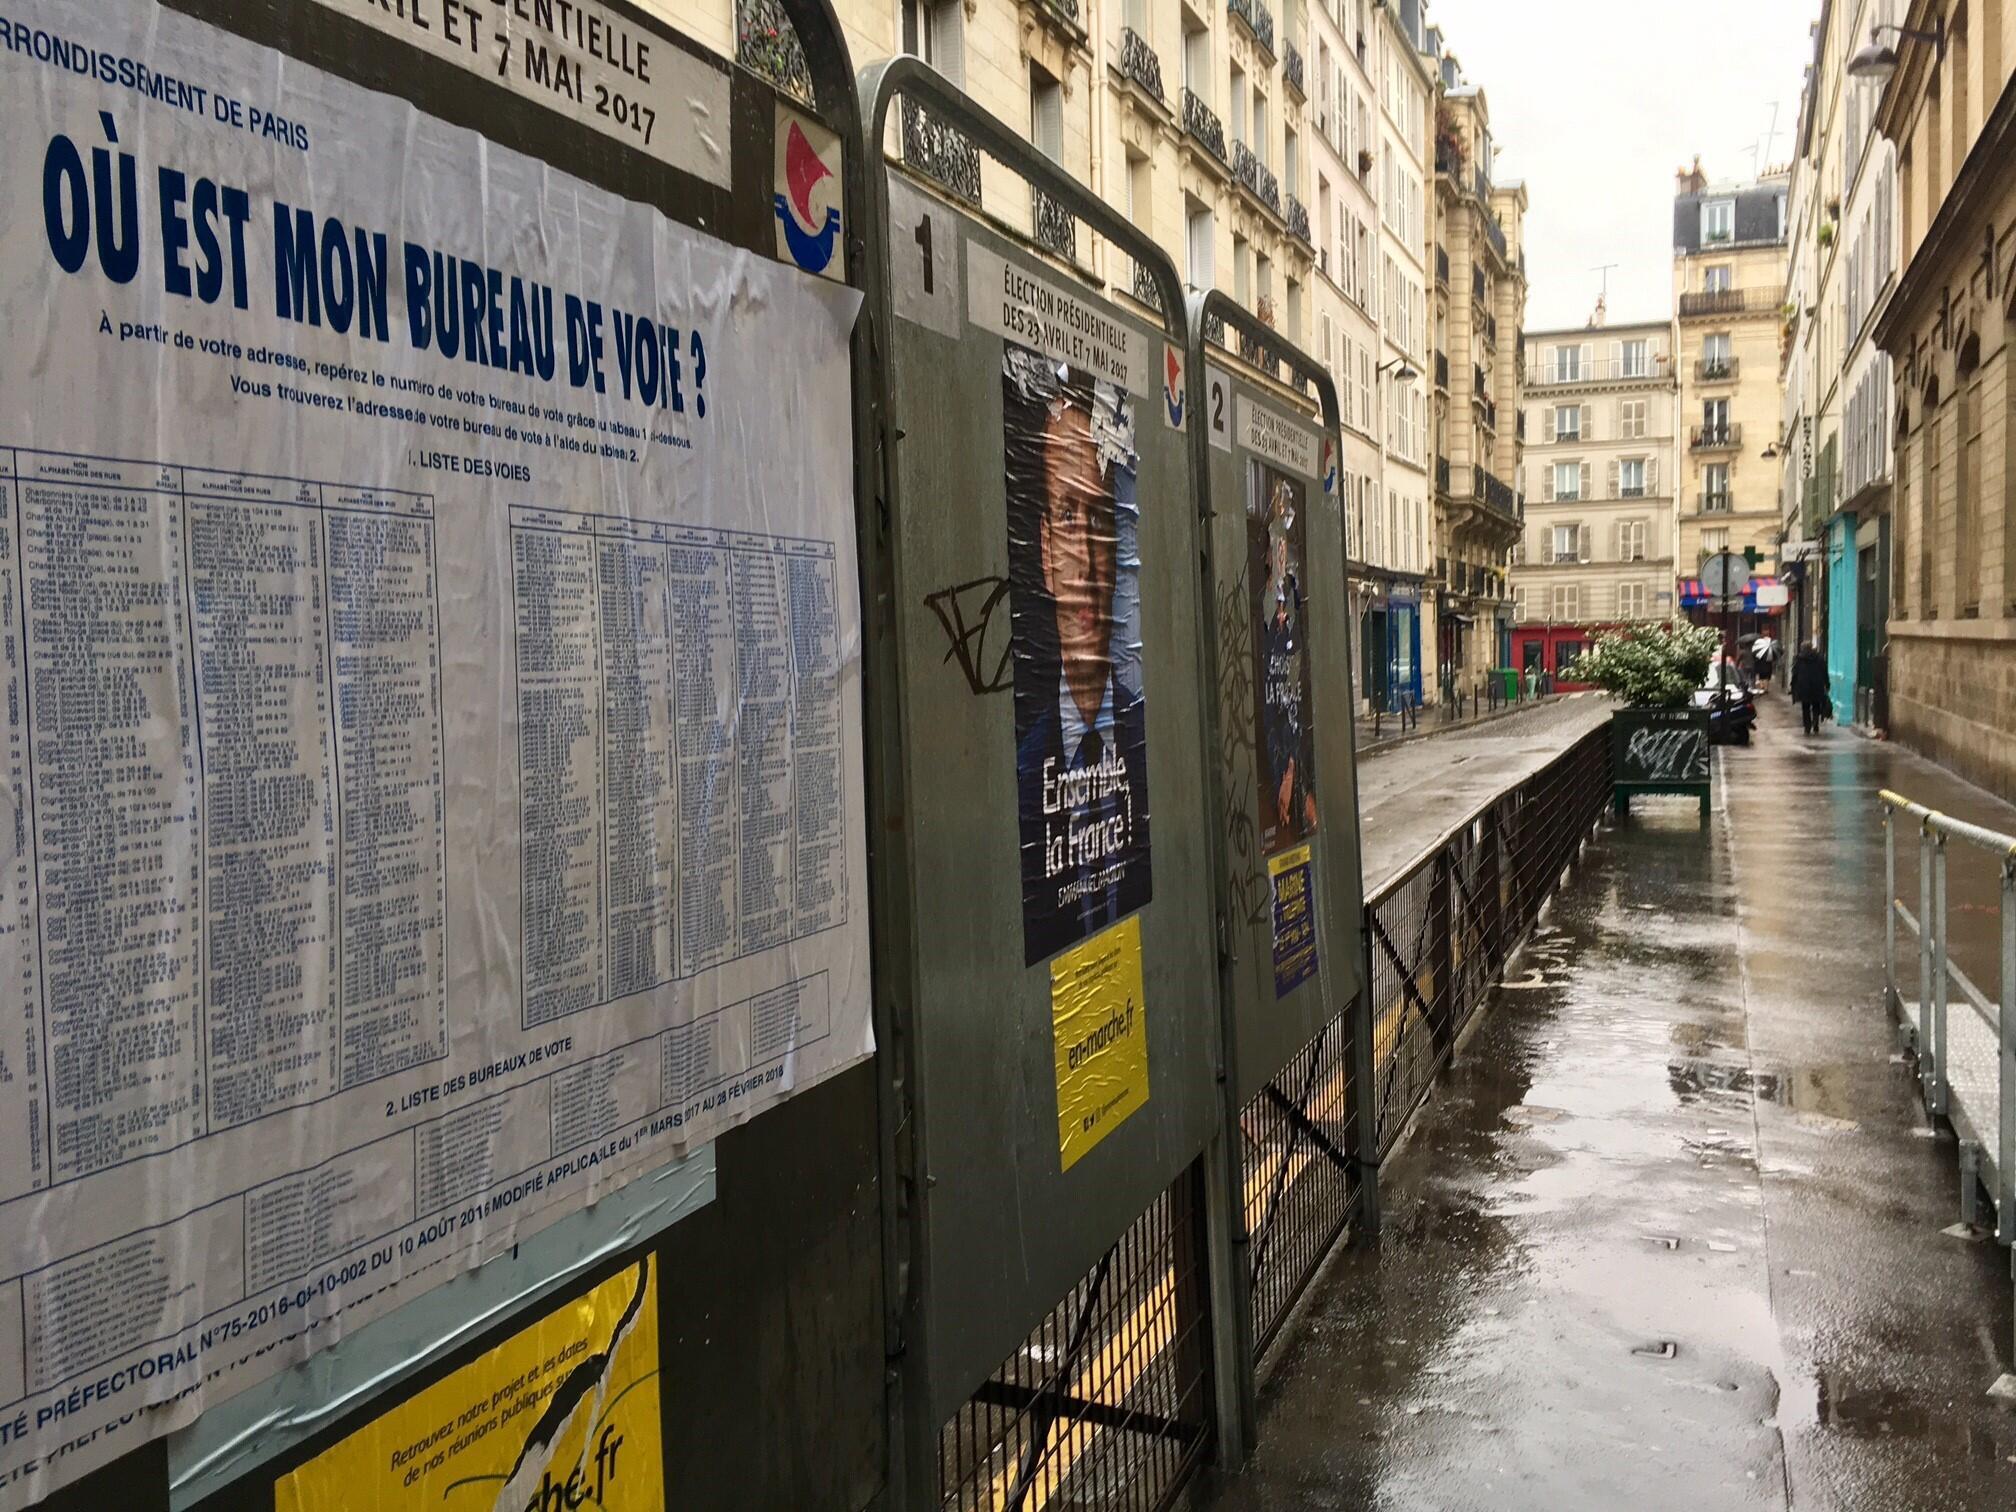 Щиты около избирательных участков на президентских выборах в Париже, 7 мая 2017 года